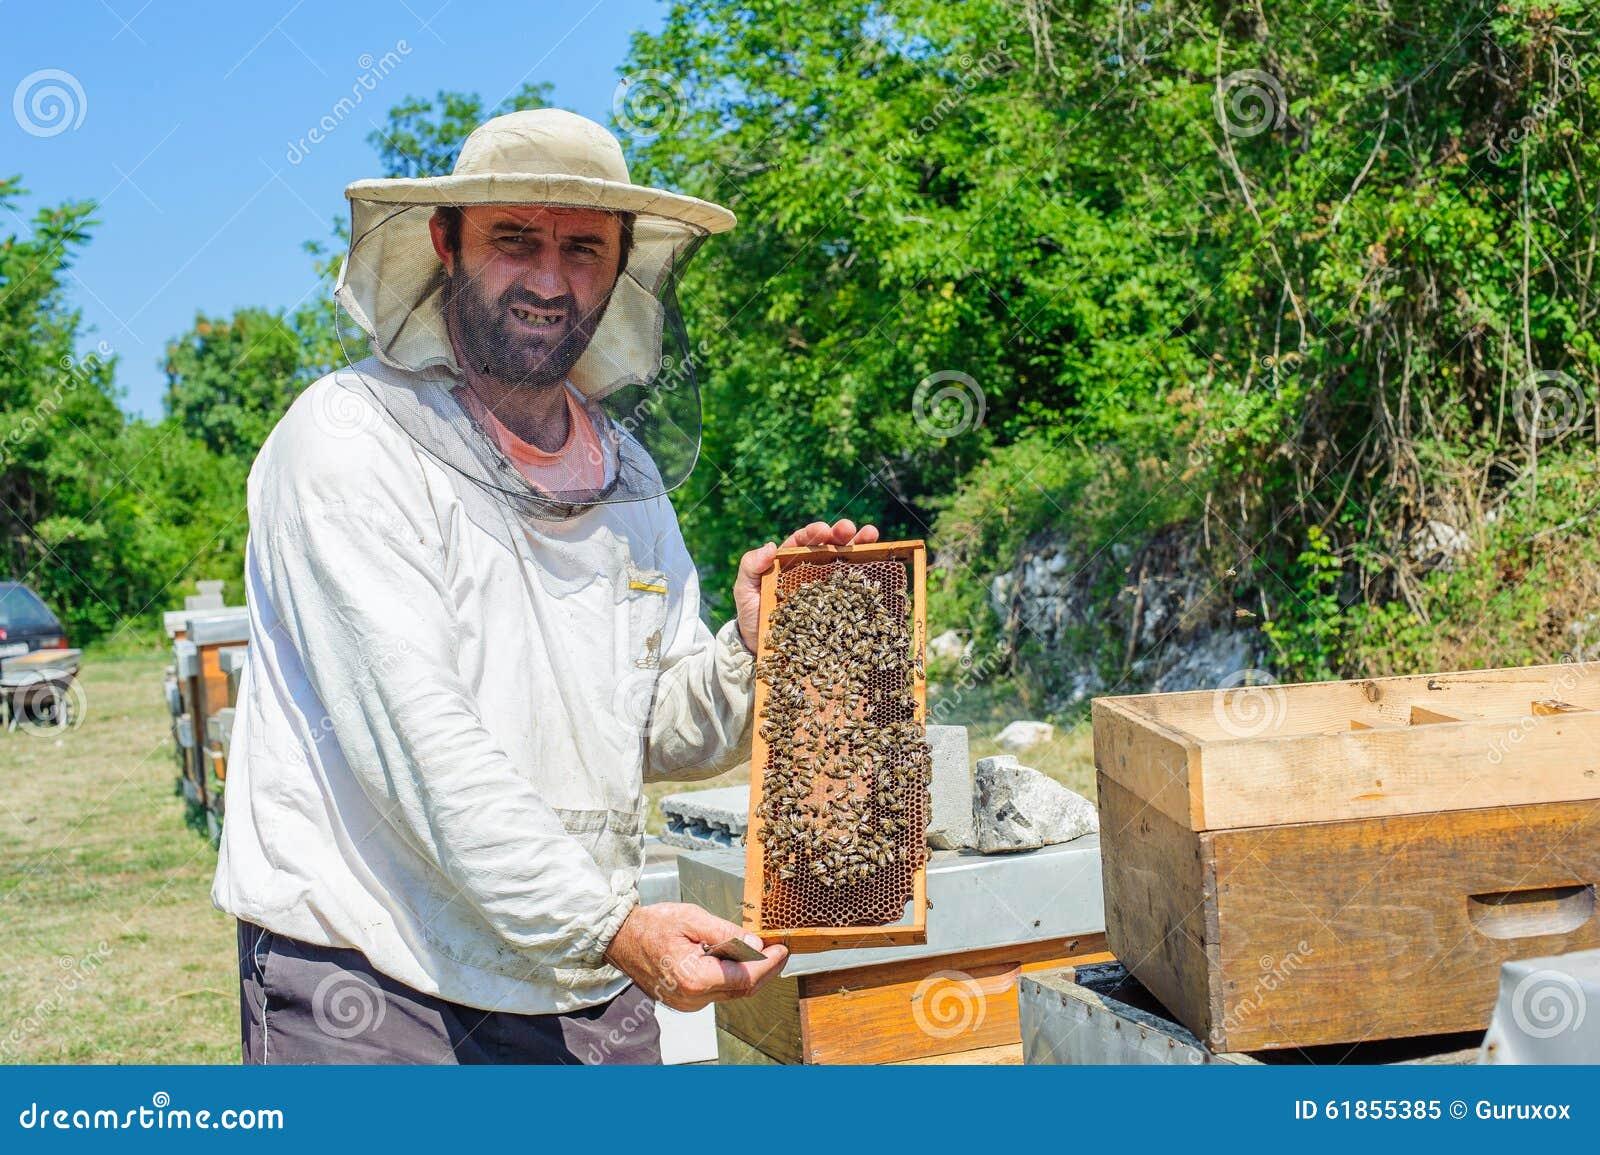 拉扯从蜂房的蜂农蜥蜴.塞尔达框架神兽门图片